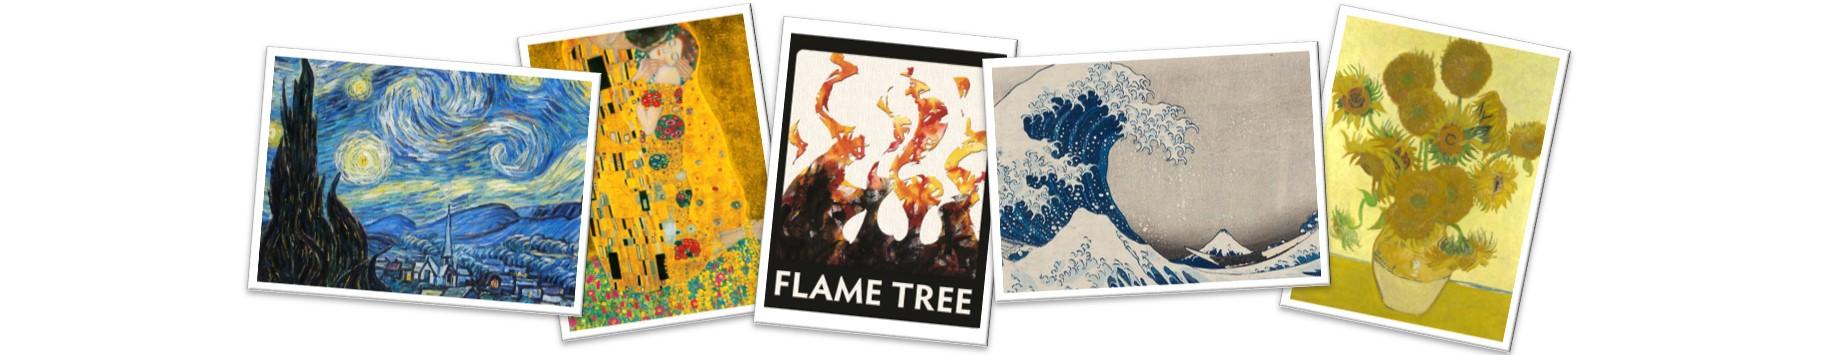 A Flame Tree